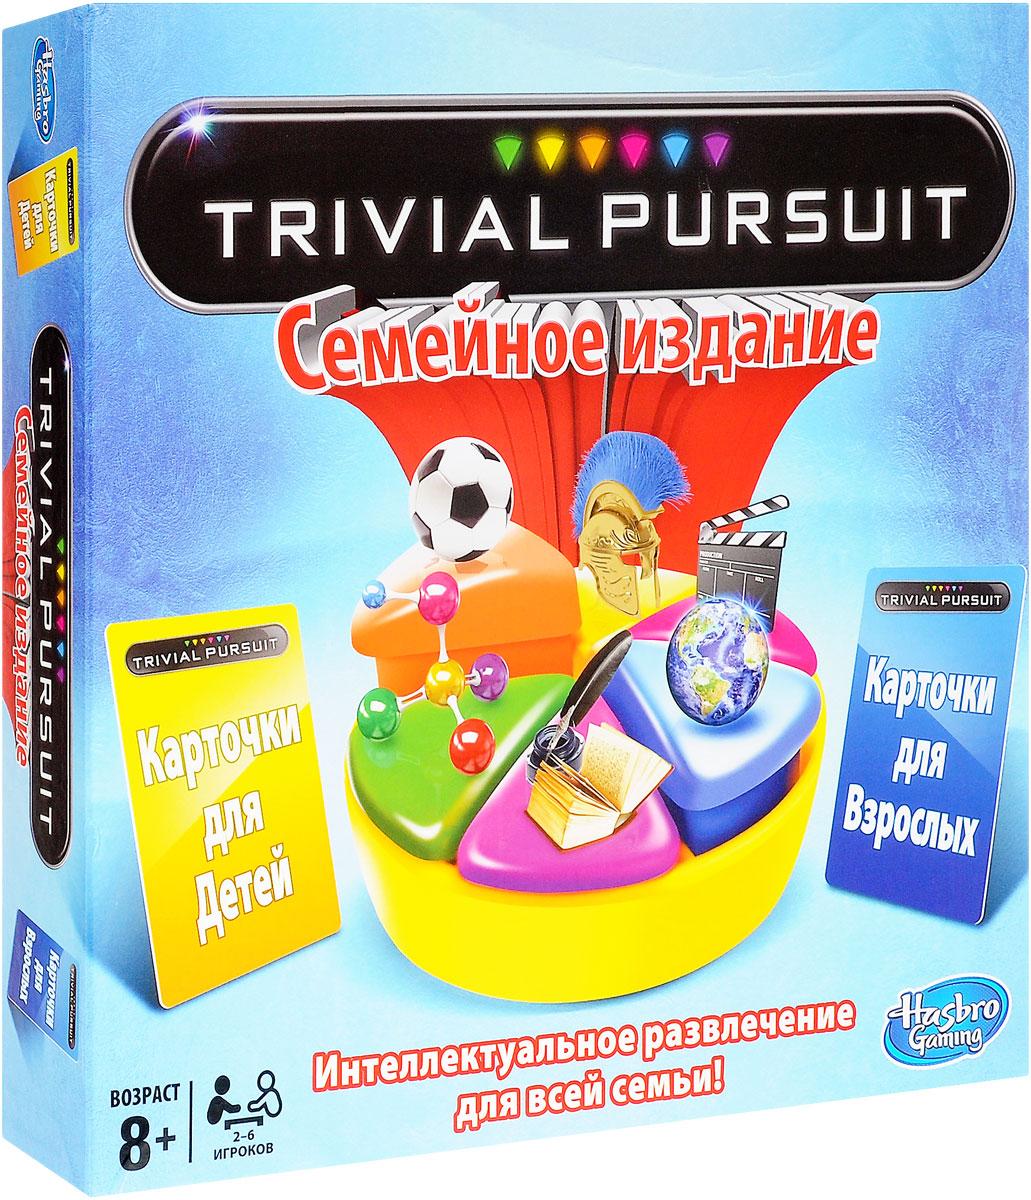 Hasbro Games Настольная игра Тривиал Персьют Trivial Pursuit Семейное издание73013121Семейная настольная игра Hasbro Games Тривиал Персьют - это увлекательнейшее интеллектуальное развлечение для всех семьи. Игра включает в себя 2 400 вопросов: 1200 вопросов детям и 1200 вопросов взрослым, поэтому вам не придется скучать вечерами. В комплект входит: 400 карточек с вопросами (200 голубых карточек для взрослых, 200 желтых карточек для детей), игровая доска, 2 держателя для карточек, 6 фишек, 36 долек, игральный кубик и правила игры. Правильно отвечайте на вопросы и получайте разноцветные дольки за верный ответ. Тот игрок, кто первый соберет необходимые дольки, и станет победителем игры. Повышайте уровень своей эрудиции и просто проводите время в кругу семьи весело вместе с настольной игрой Тривиал Персьют.